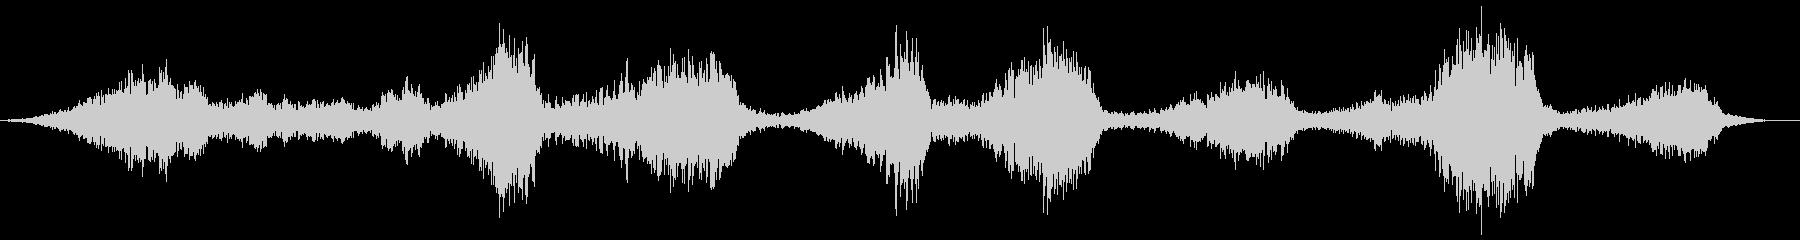 バックワードトーキング、チャイルド...の未再生の波形